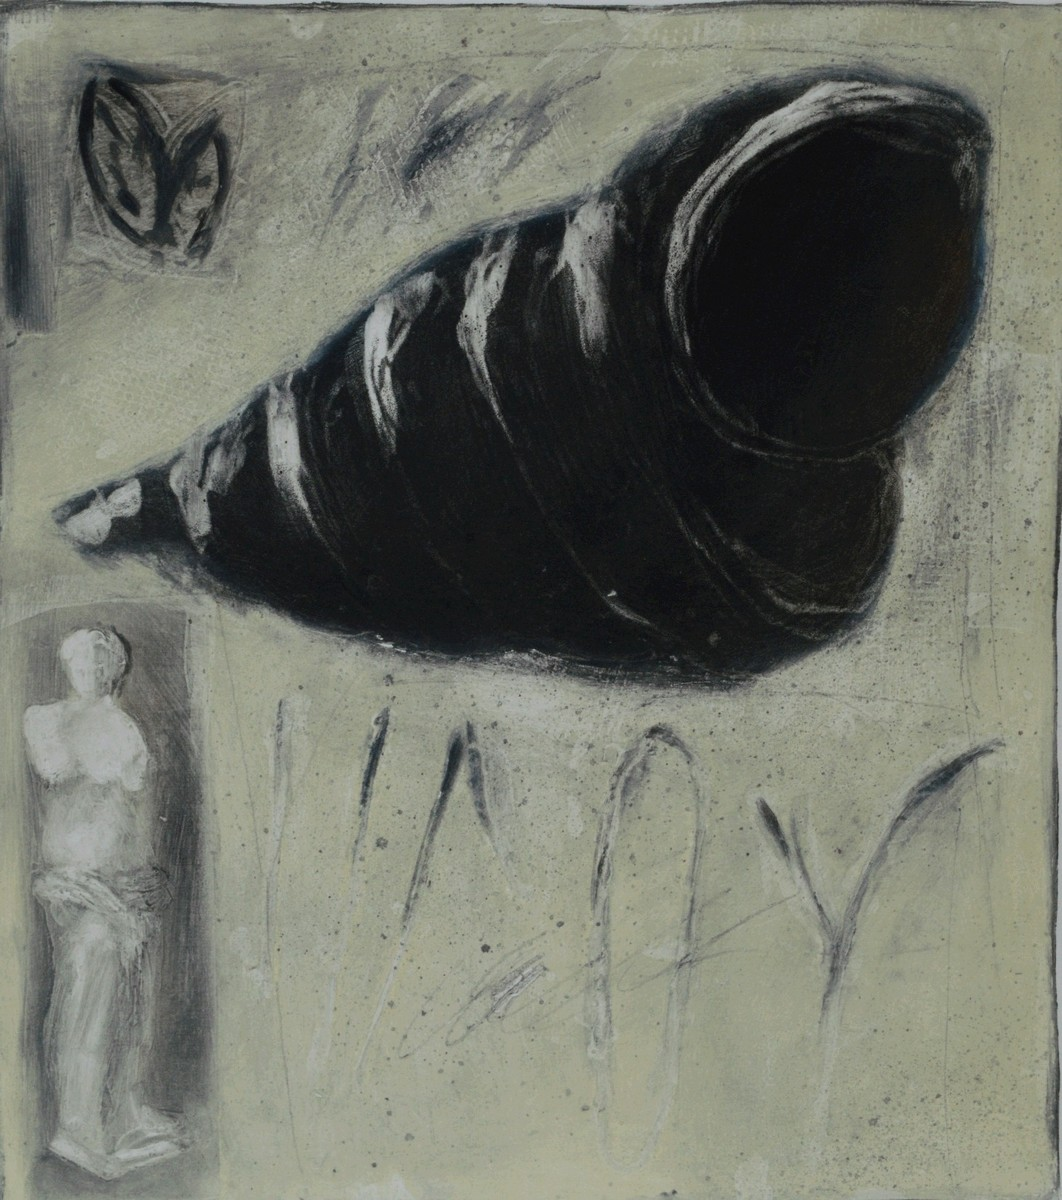 Gorodine, Alexis, Kunst, Galerie Voigt, Nürnberg